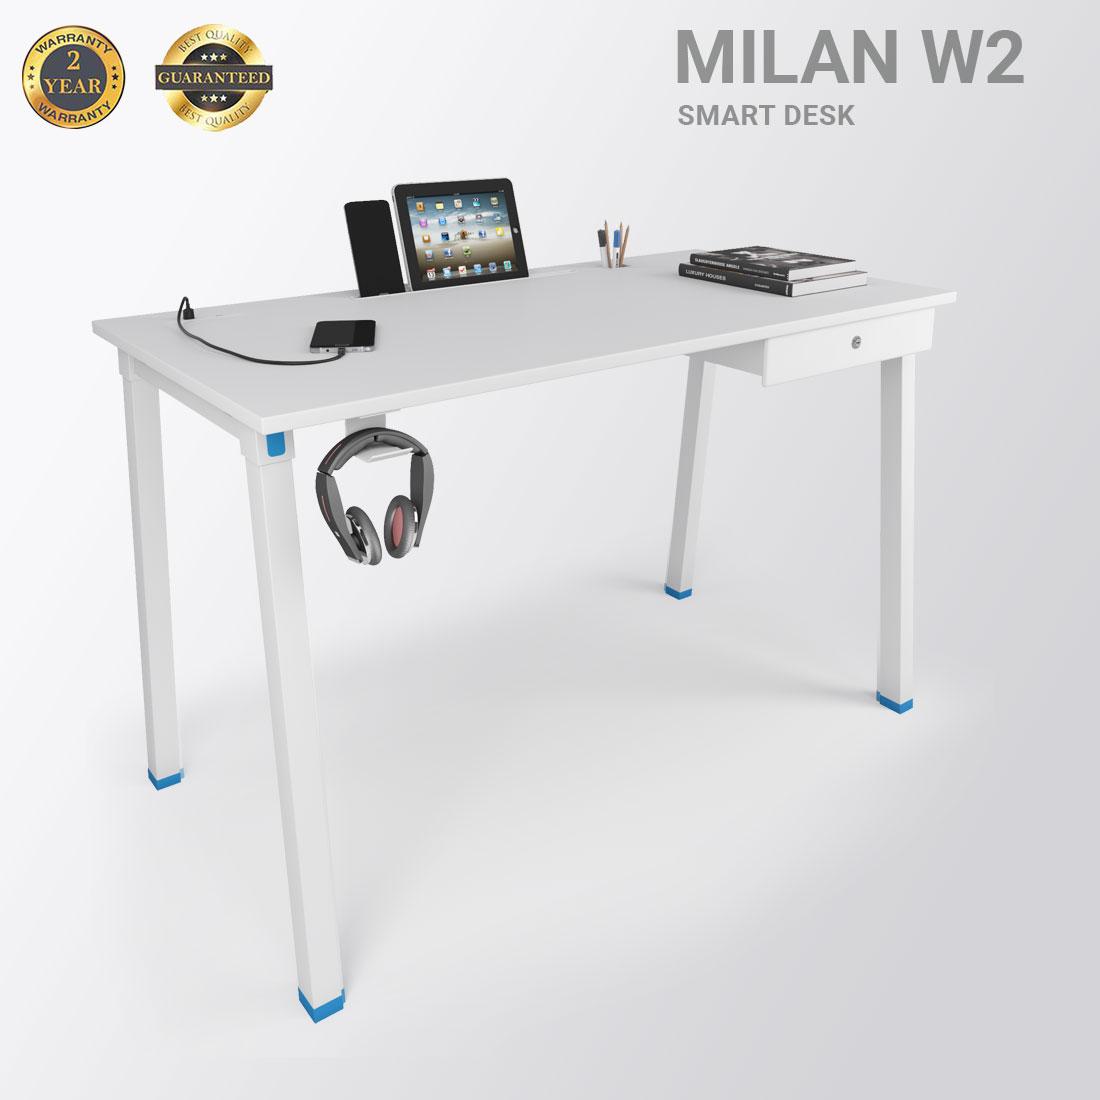 MILAN W2